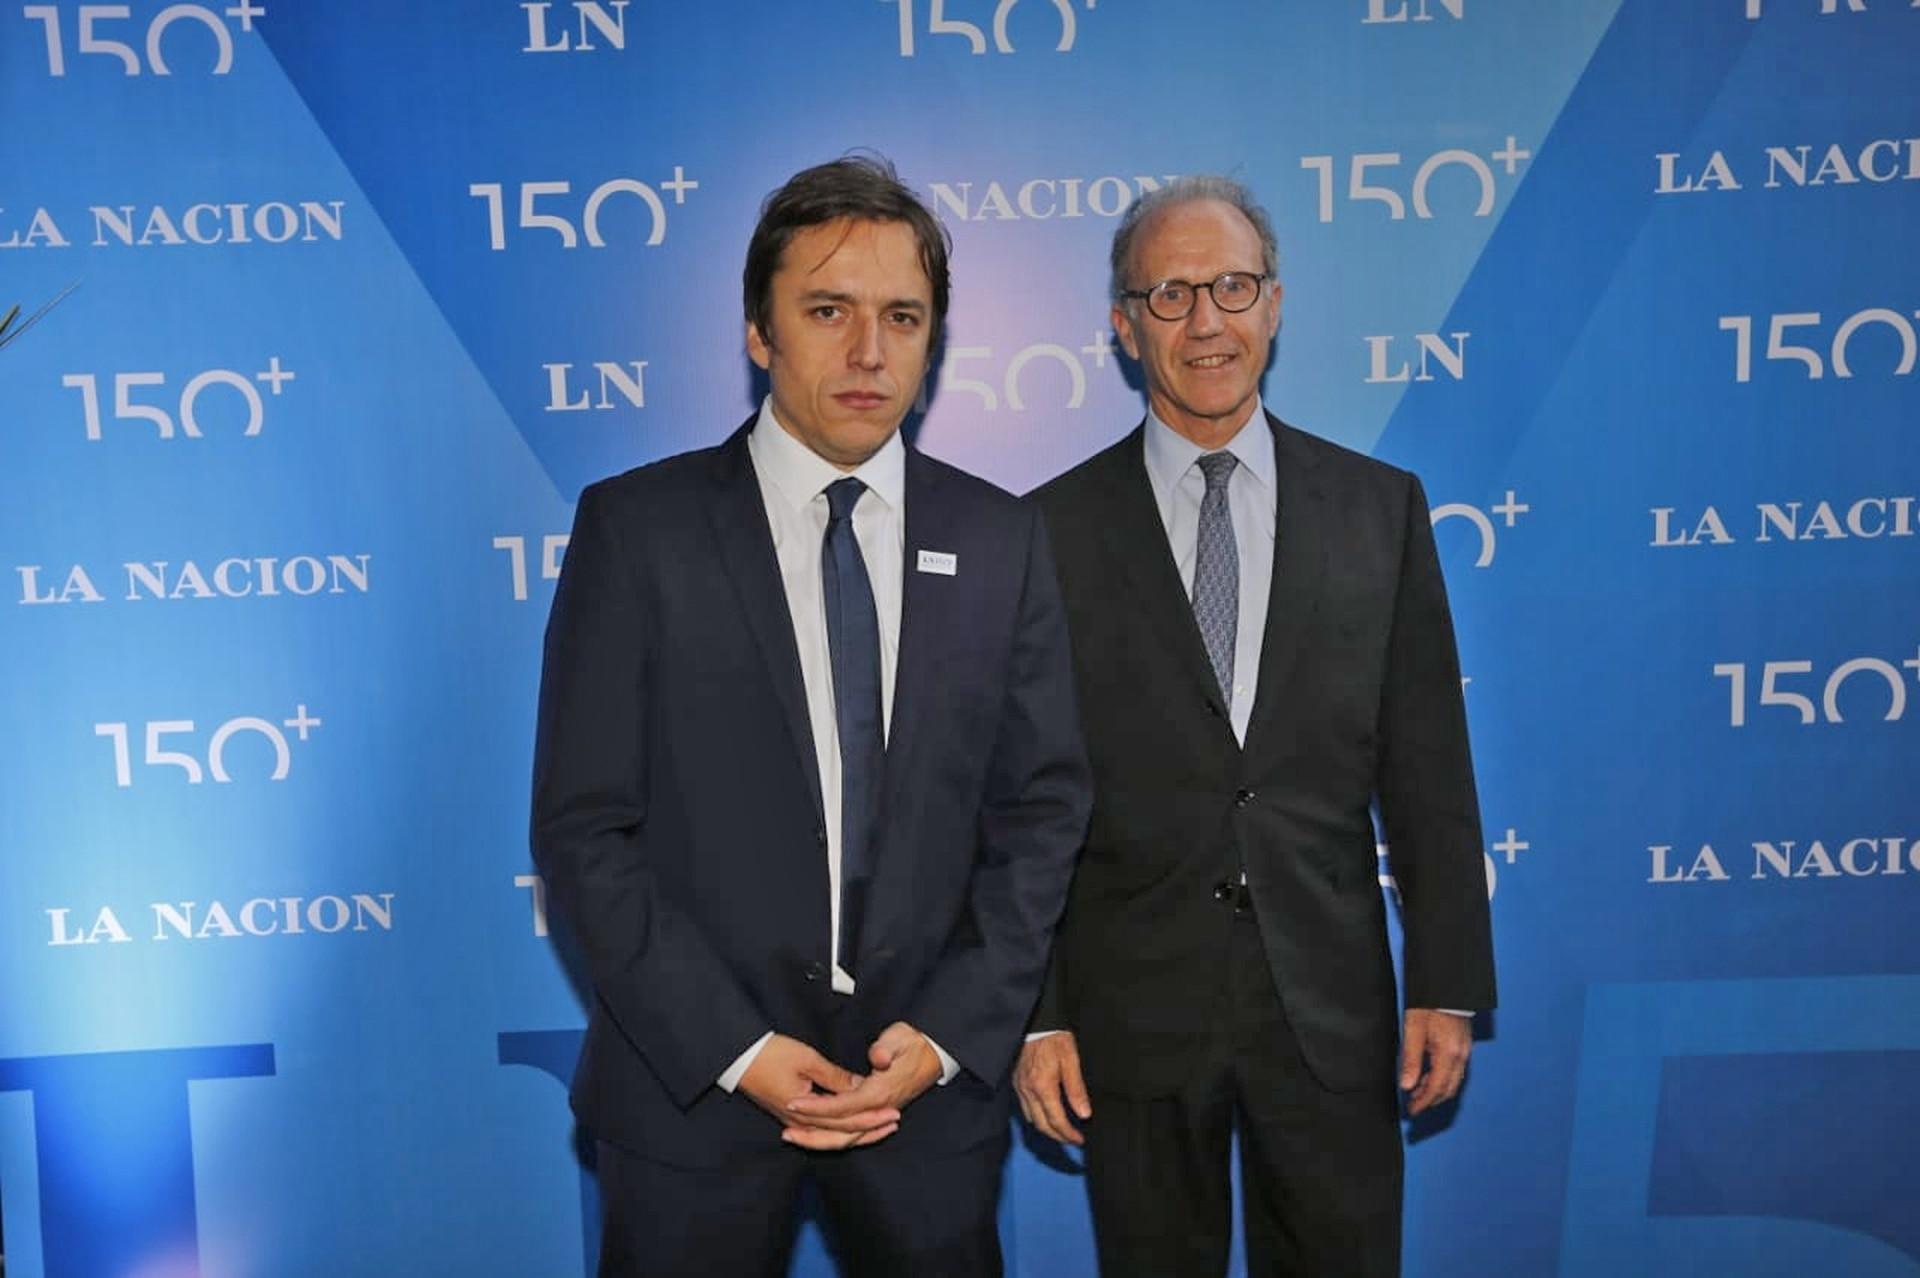 Carlos Rosenkrantz, presidente de la Corte Suprema de Justicia, junto a José del Río, Secretario General de Redacción de LA NACION